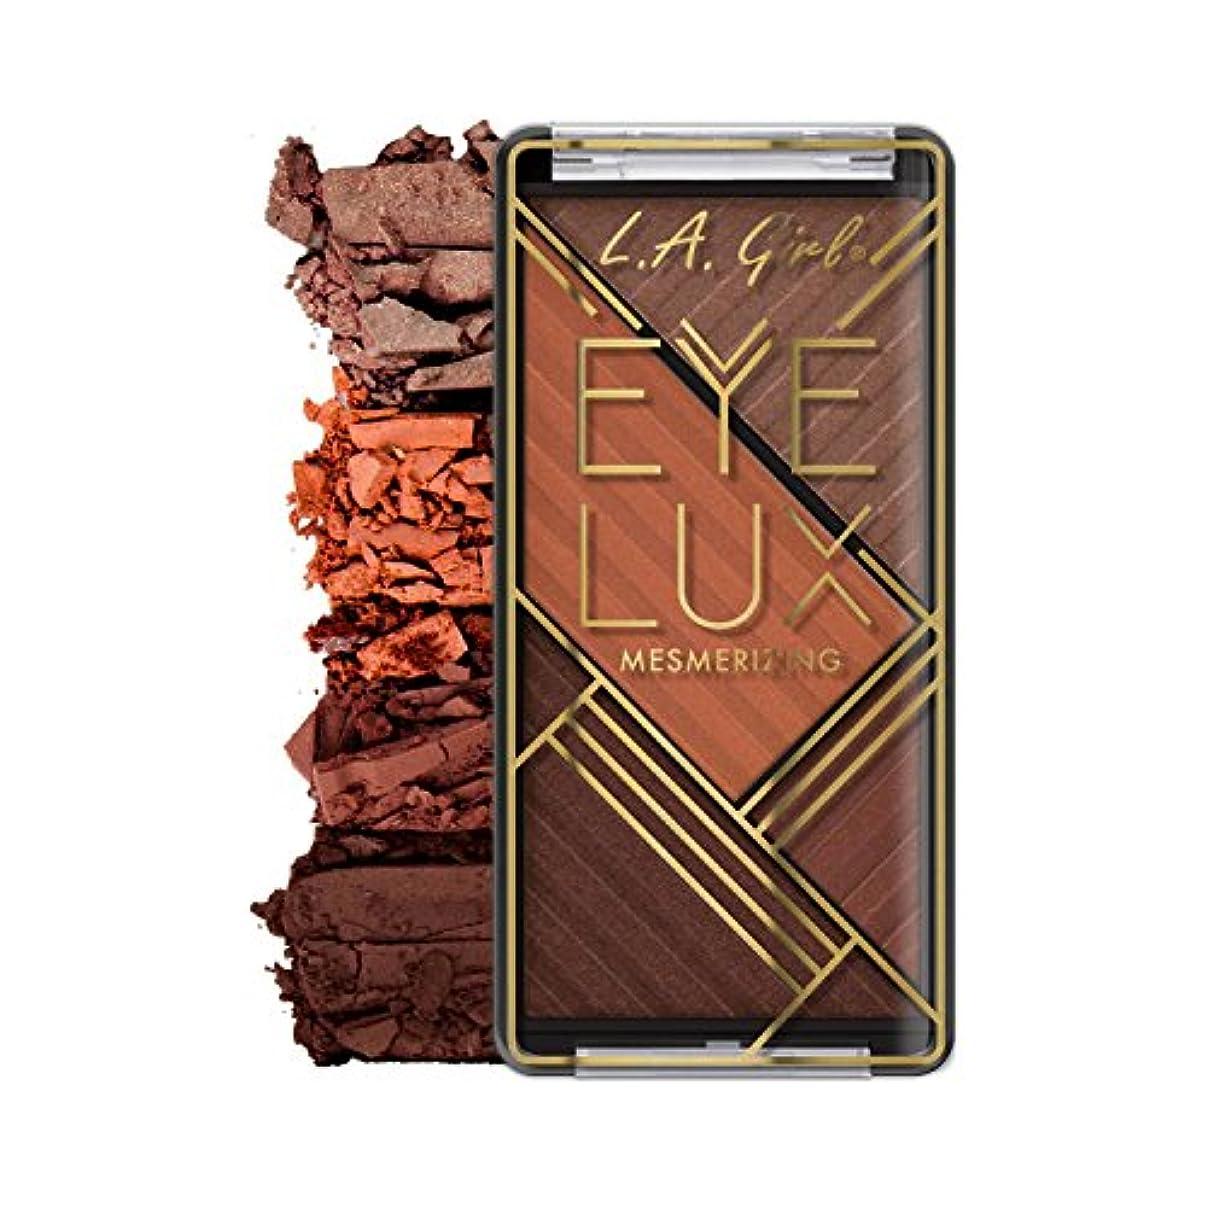 傭兵集団スキルL.A. GIRL Eye Lux Mesmerizing Eyeshadow - Energize (並行輸入品)